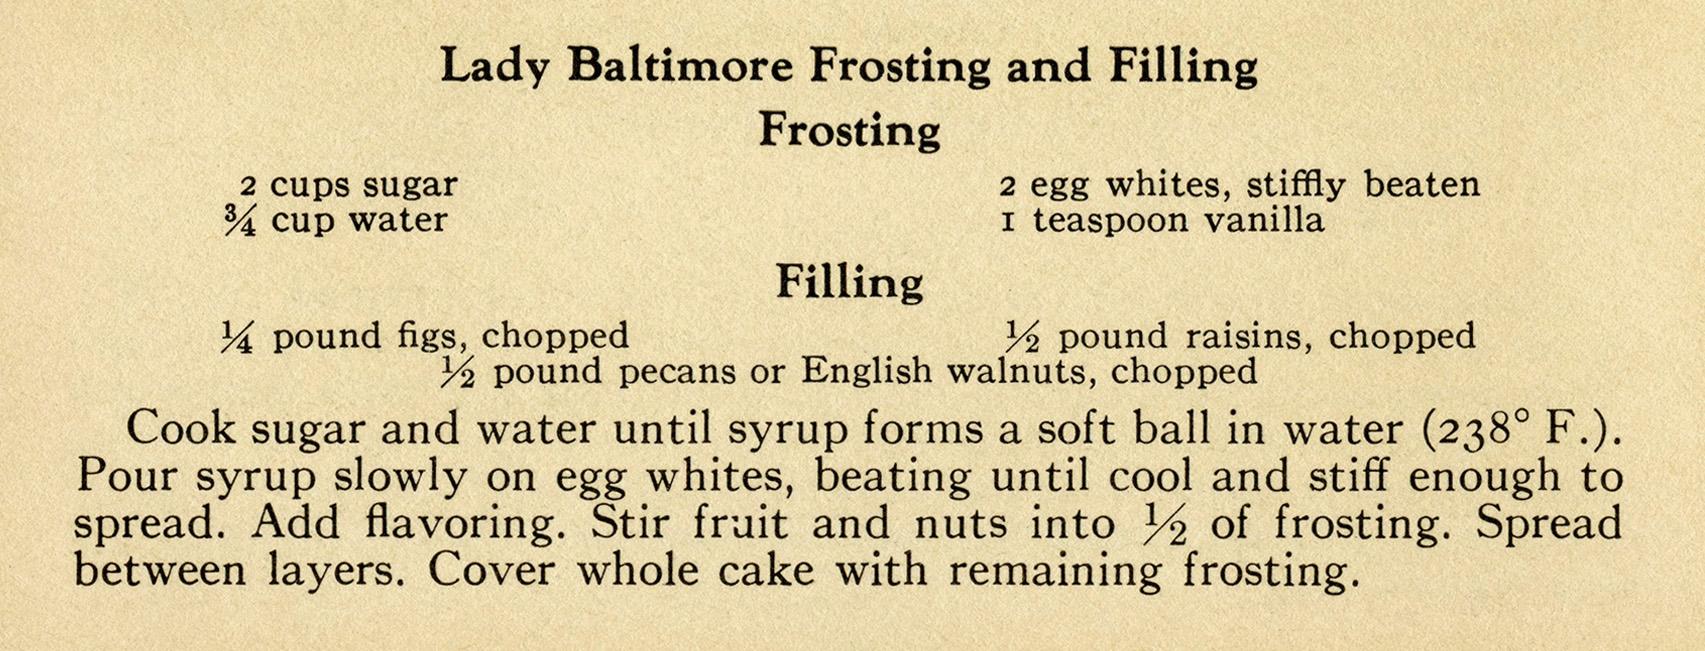 Frosting and Filling Recipes | Old Design Shop Blog